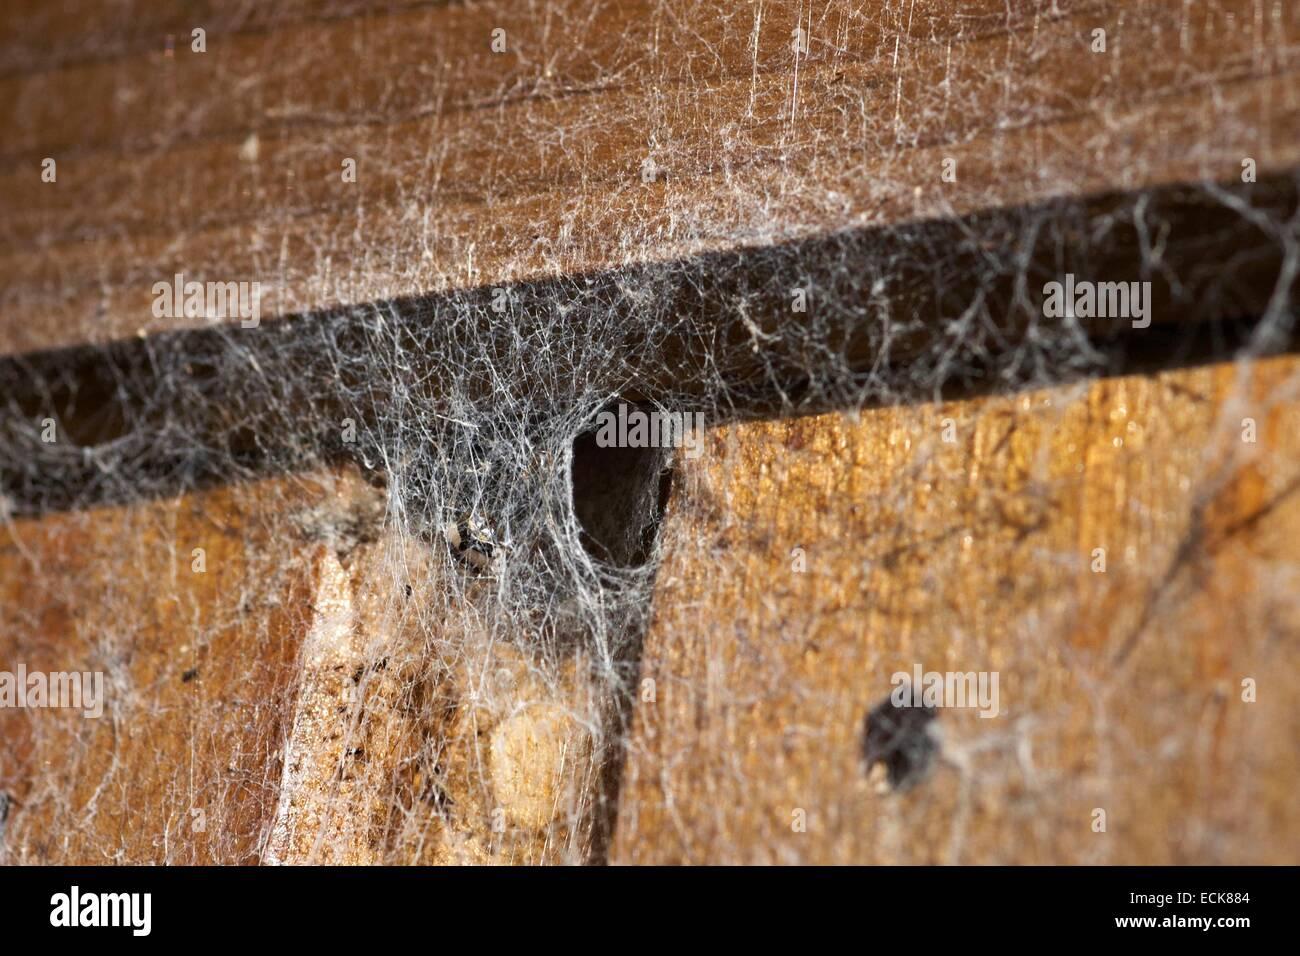 France, Araneae, Amaurobiidae, Lace-Weaver (Amaurobius sp), Web - Stock Image